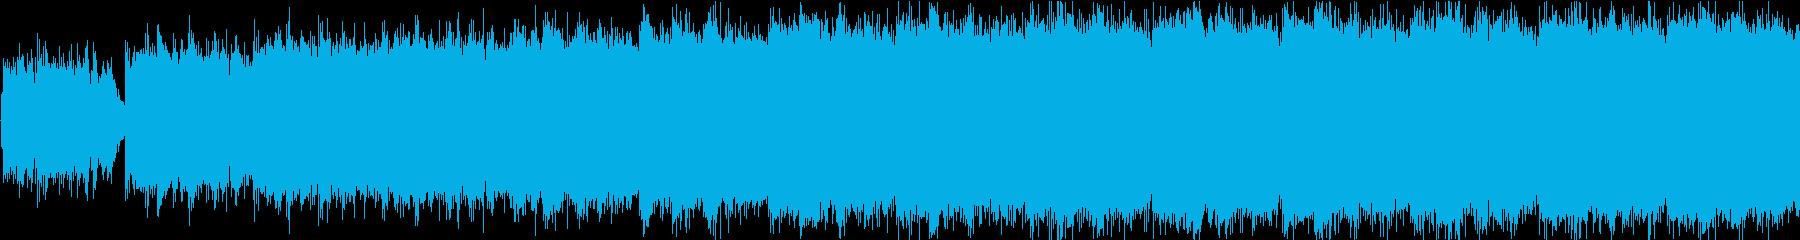 クワイア、ストリングスメインの感動BGMの再生済みの波形